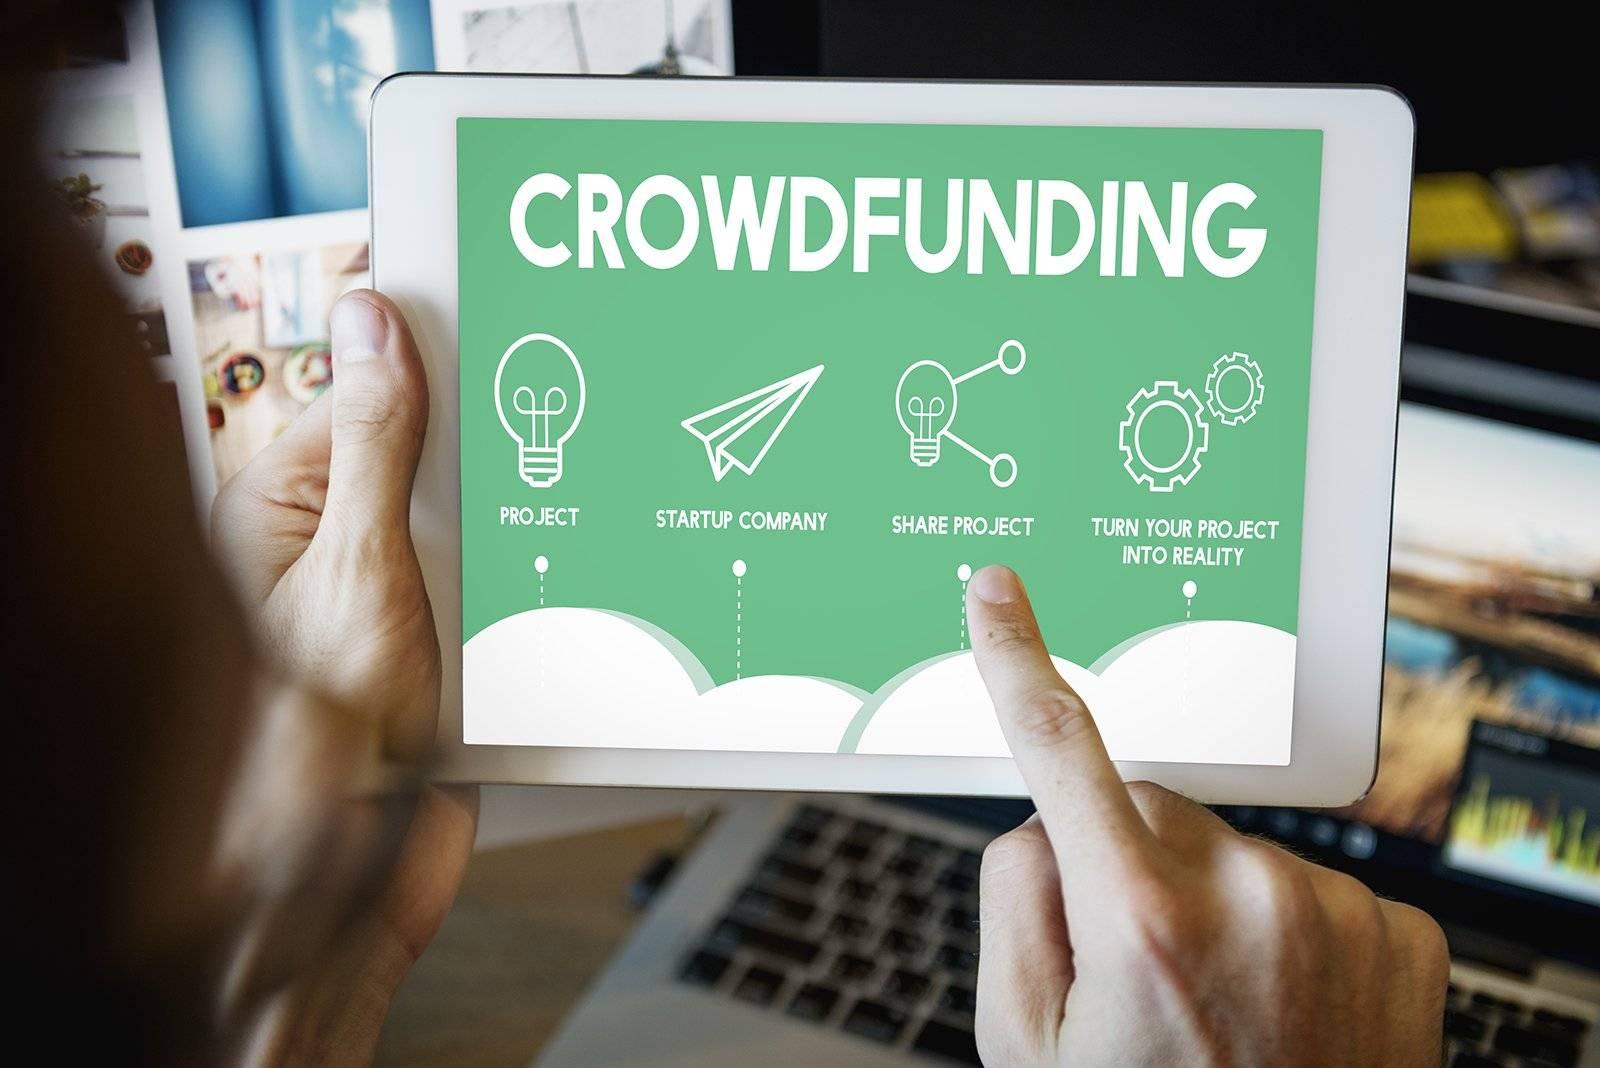 Approvato il regolamento UE sul crowdfunding